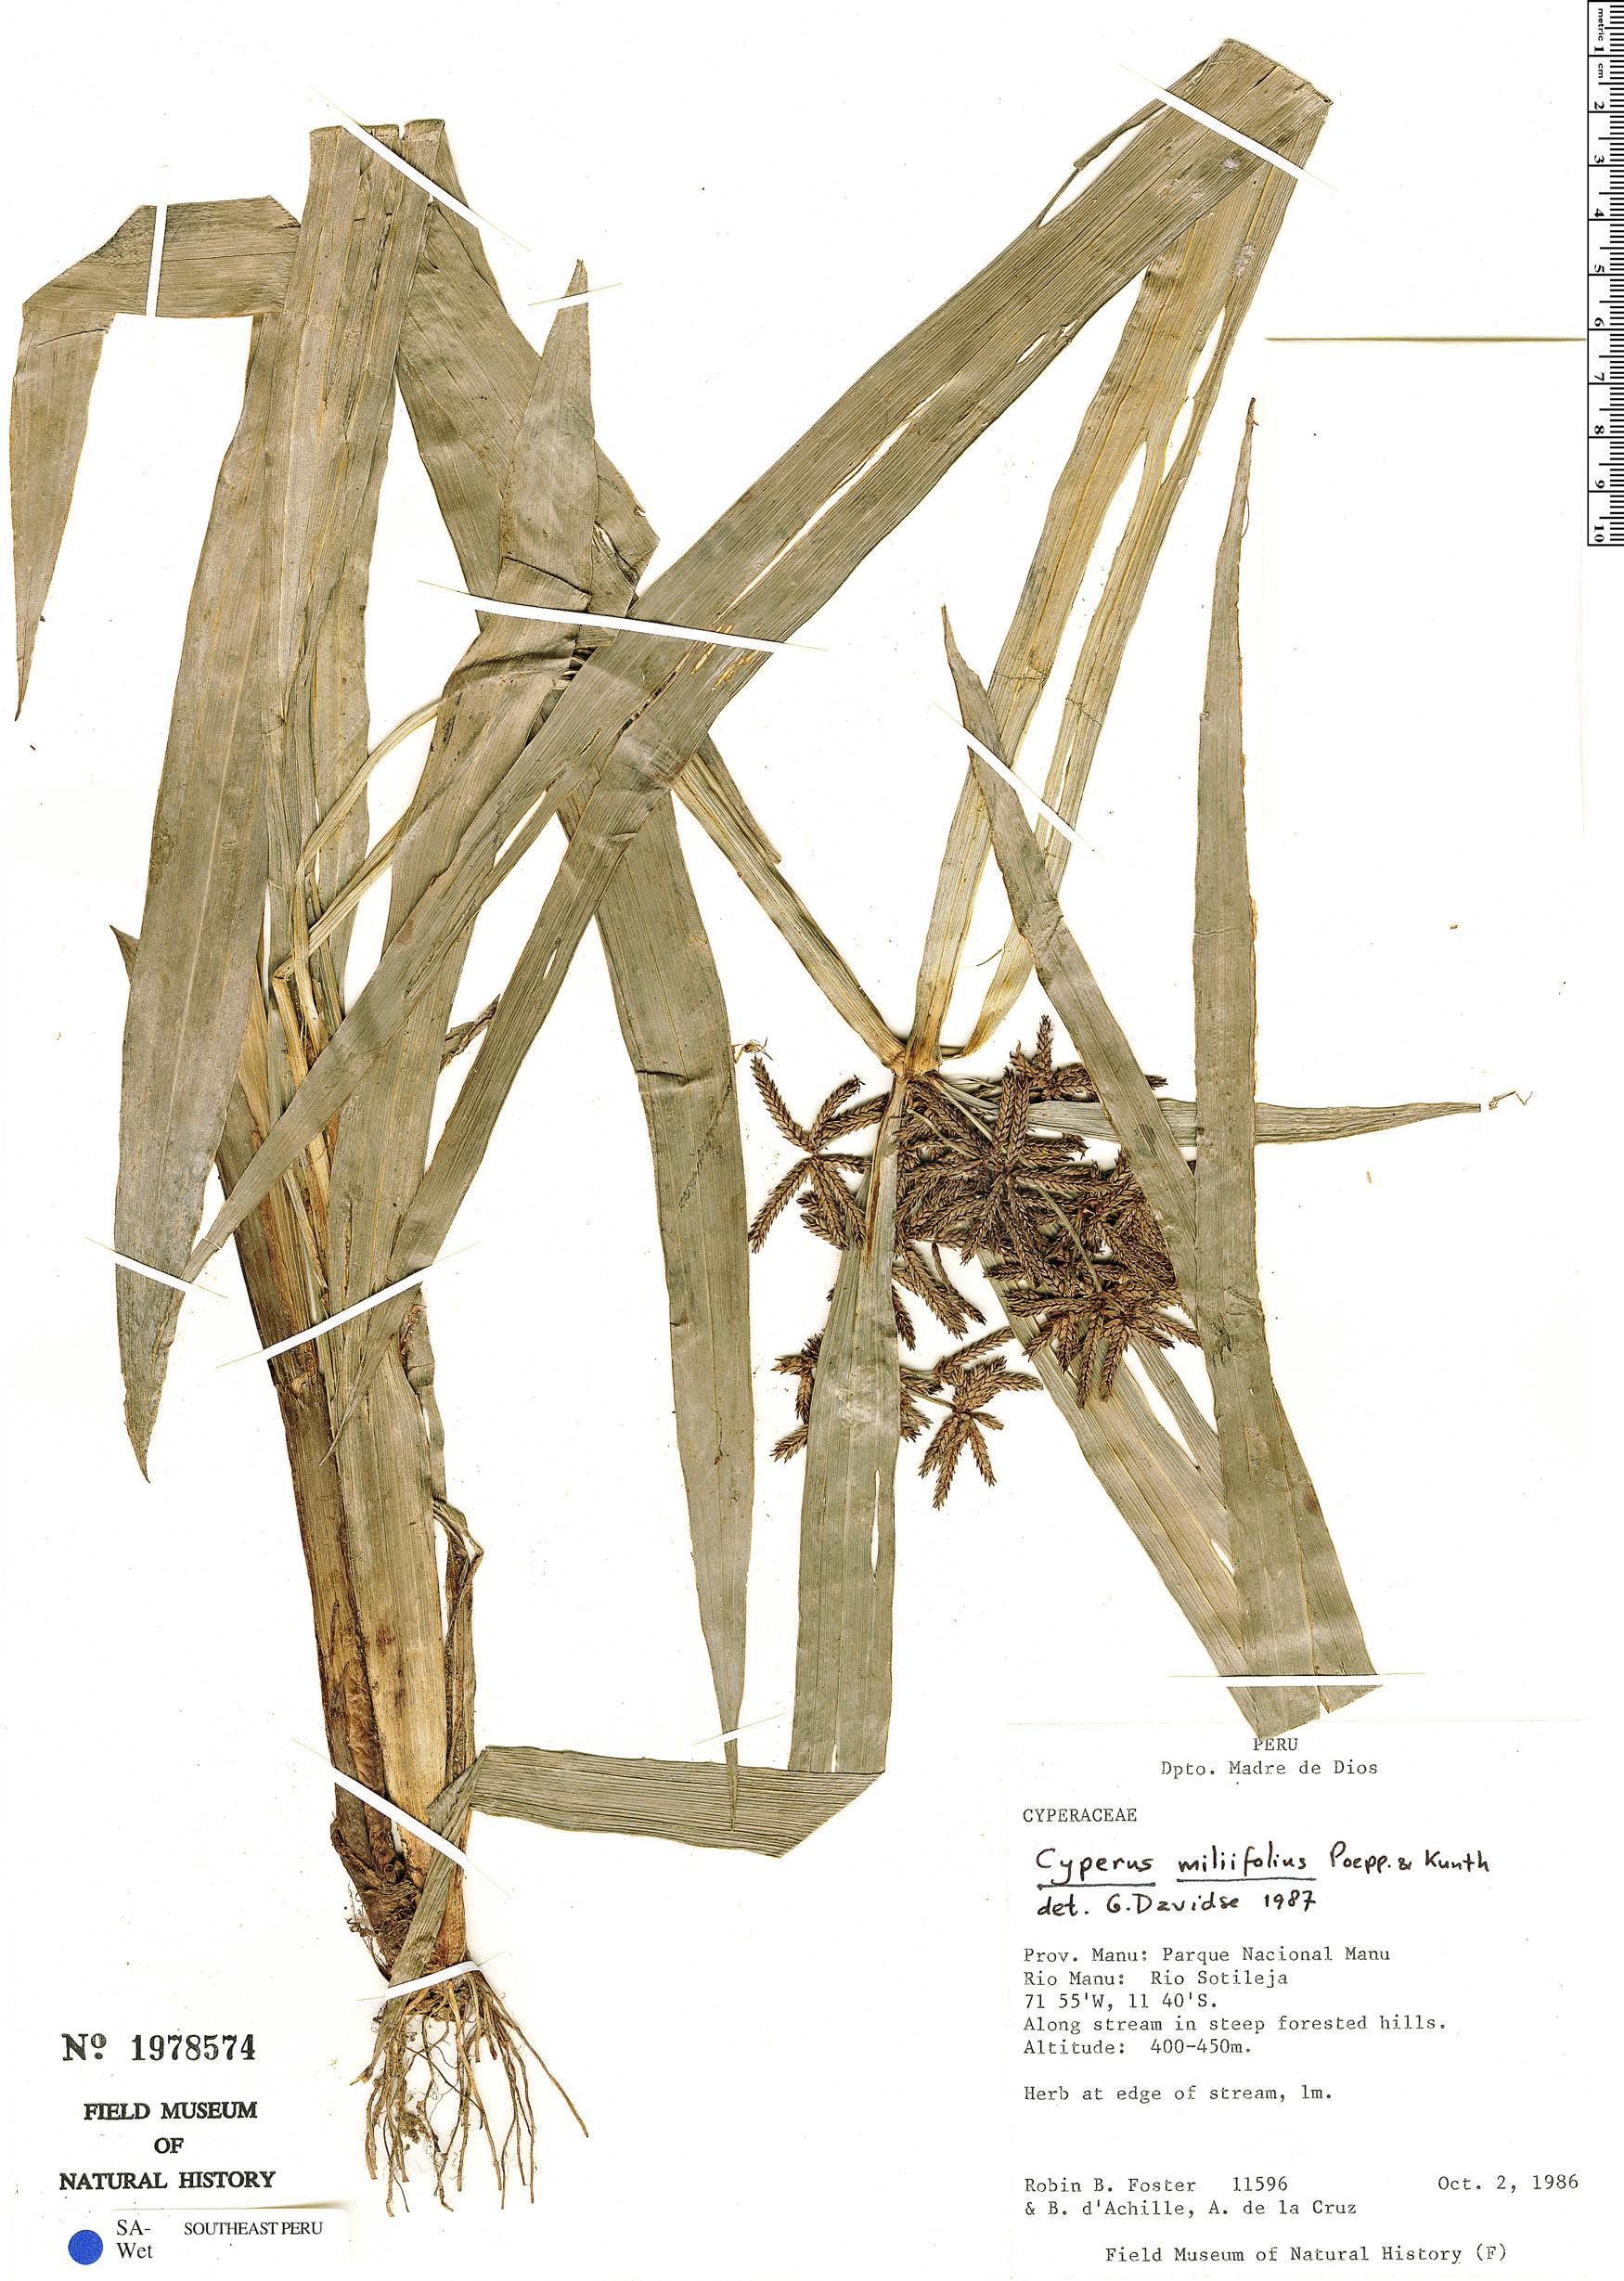 Specimen: Cyperus miliifolius